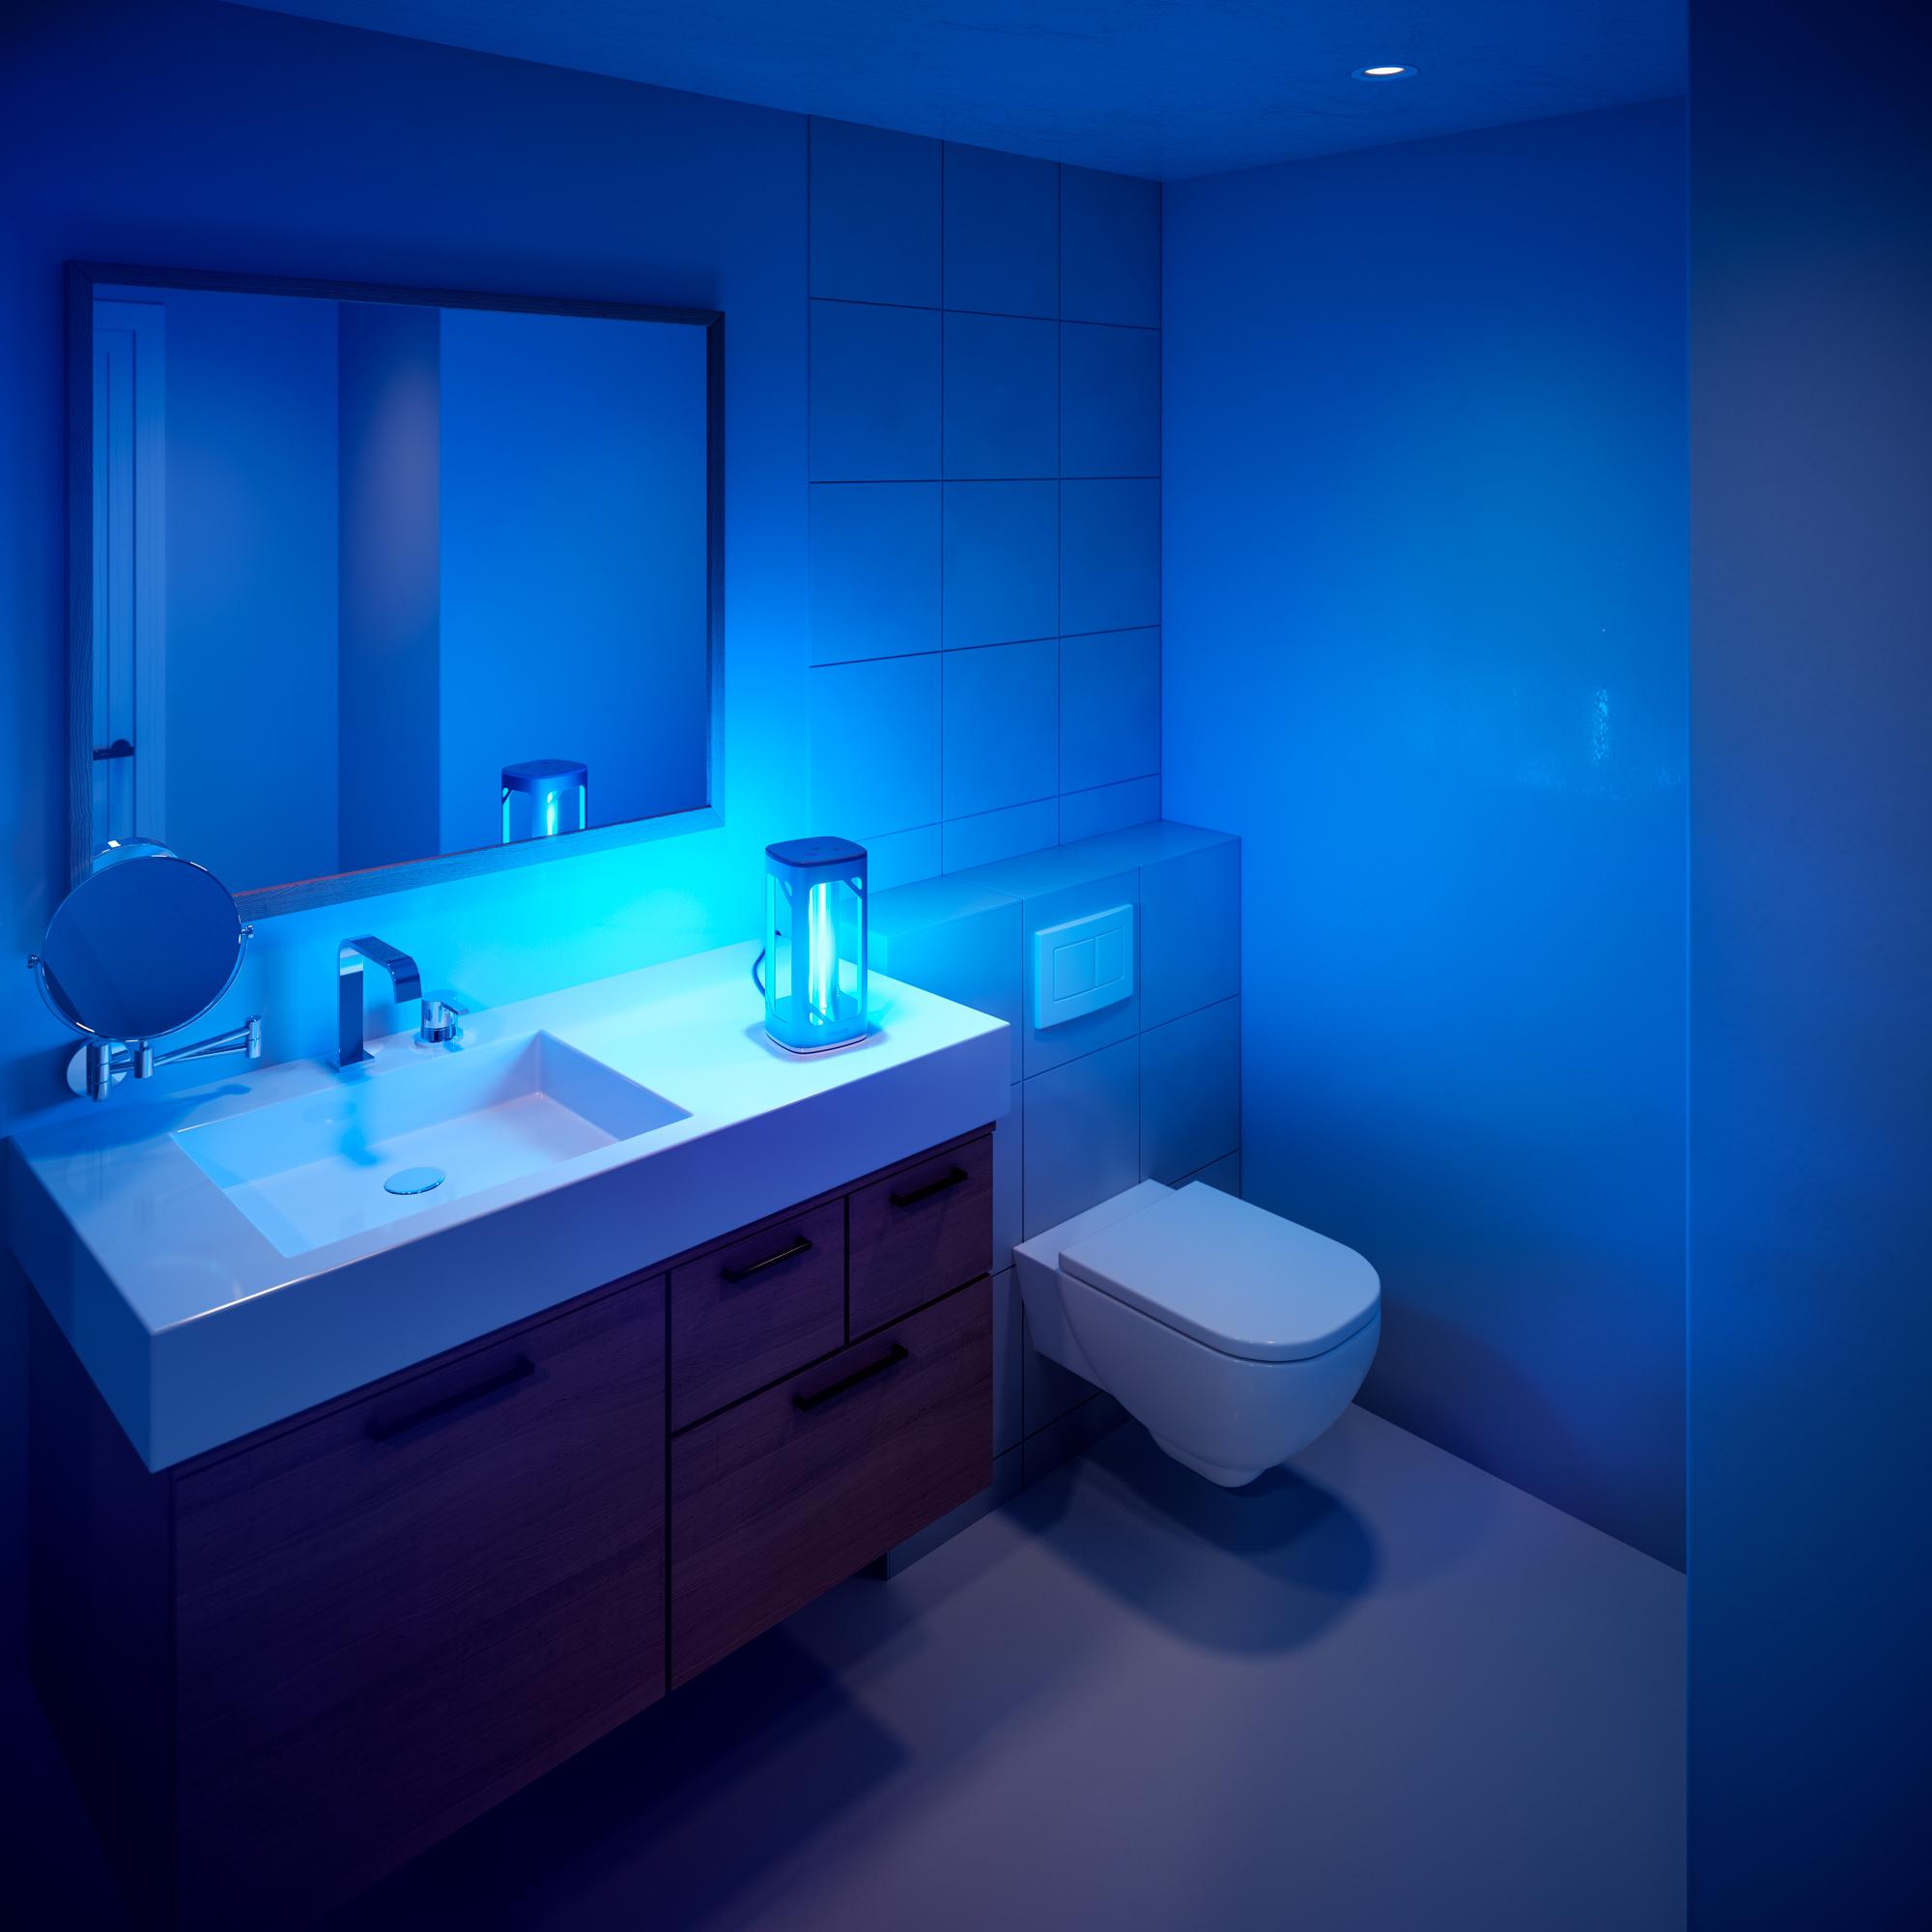 Die neue UV C Tischleuchte von Philips   Signify Unternehmenswebsite